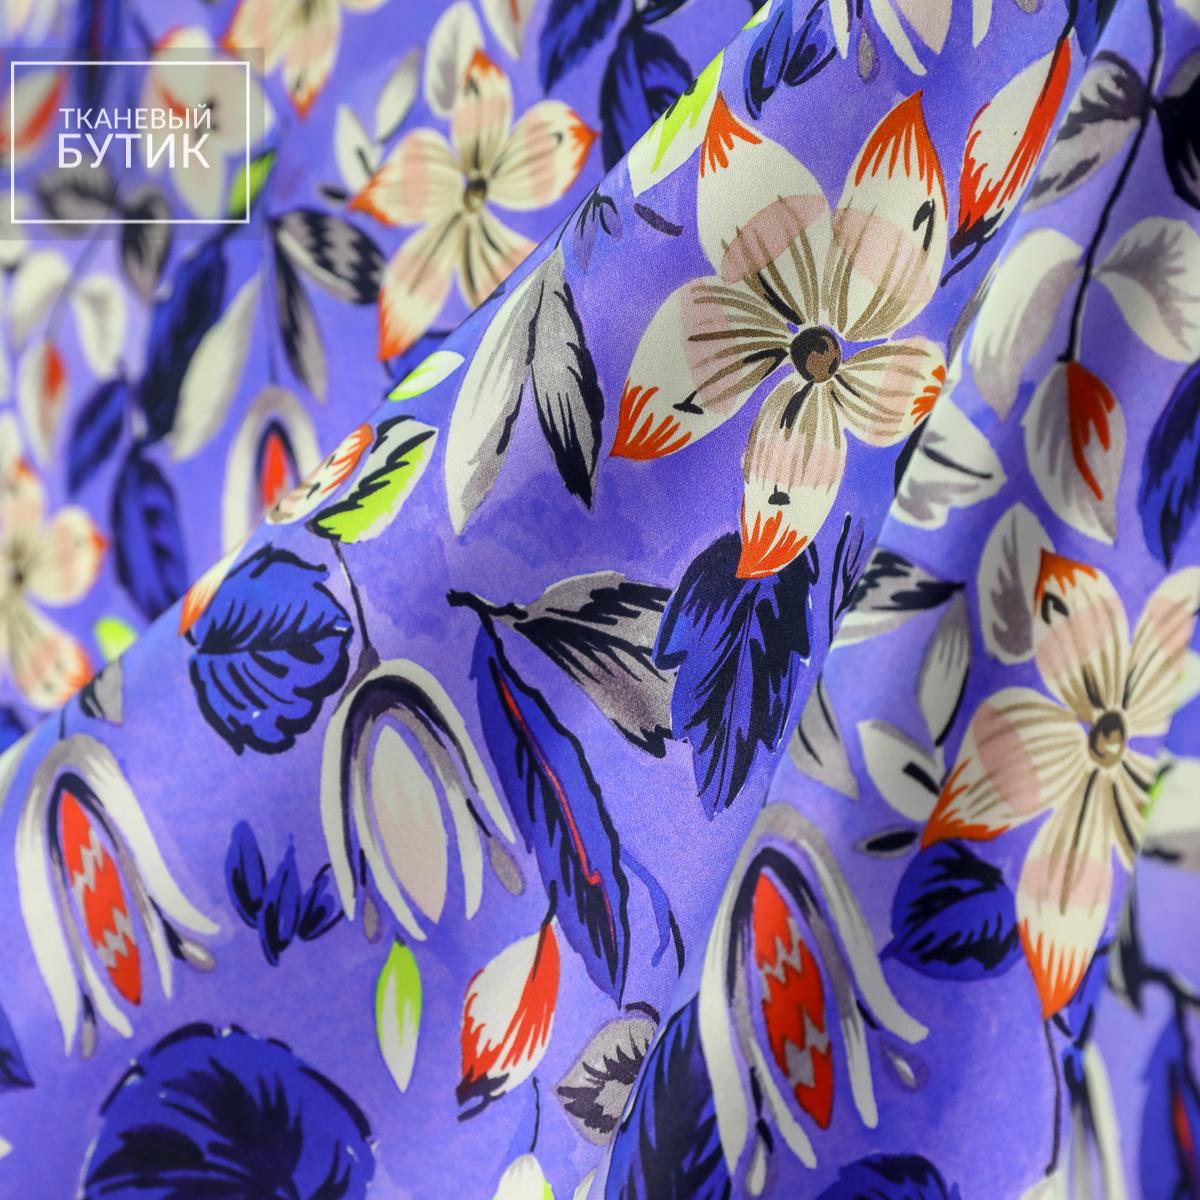 Атласный фиолетовый шелк с яркими цветочными элементами